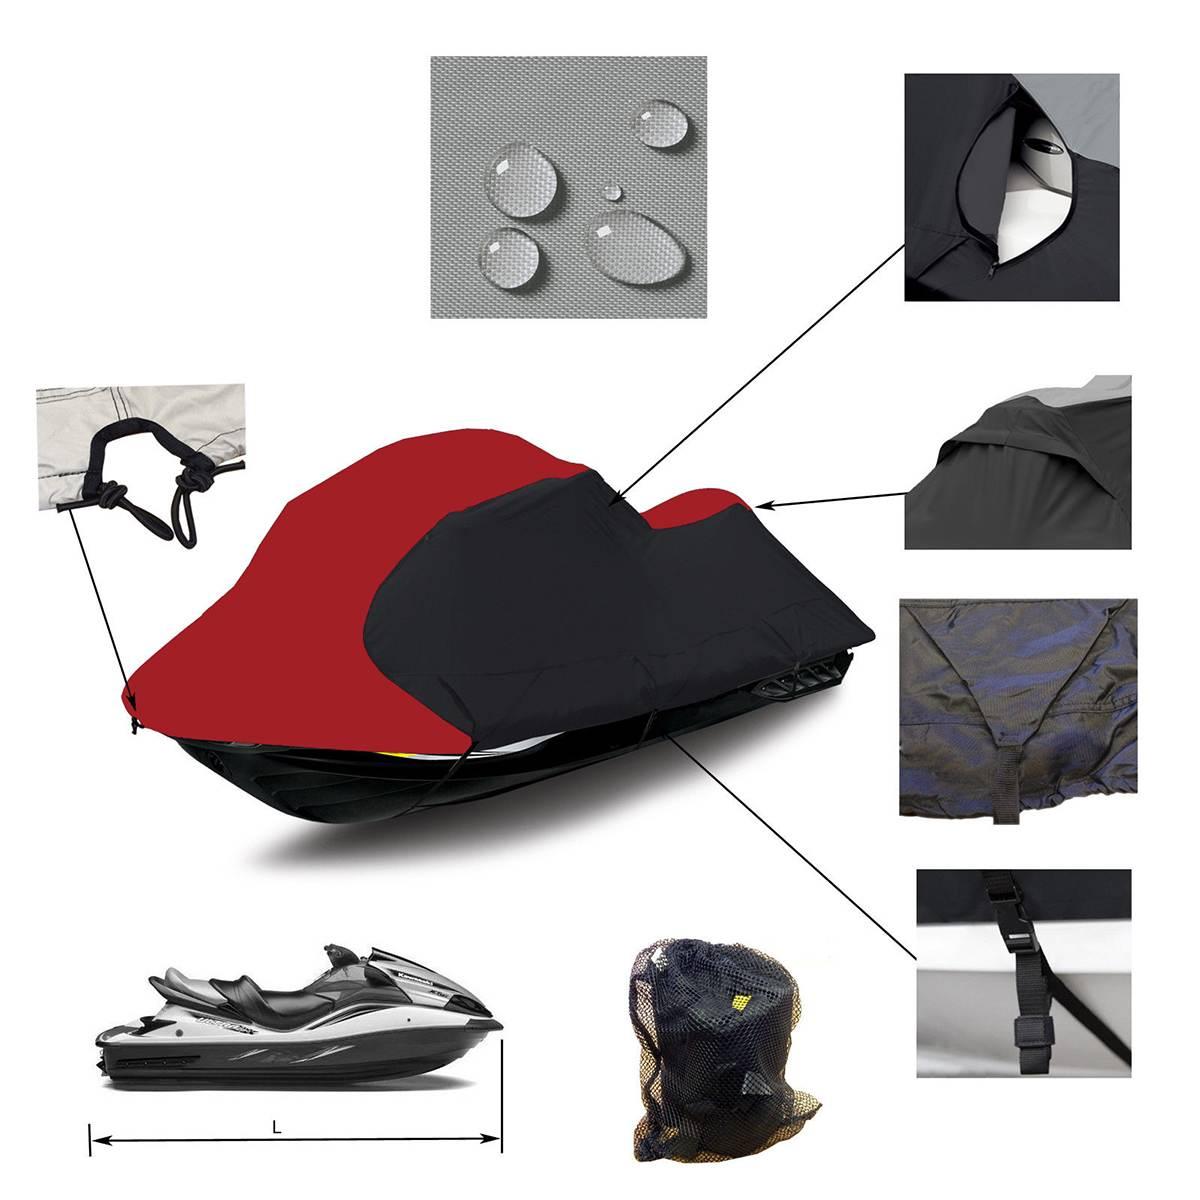 294-342 cm et 348-356 cm de longueur avec sac 600D Polyester Solution teinte imperméable couverture de bateau adapté pour universel 3 personnes PWC Jet Ski